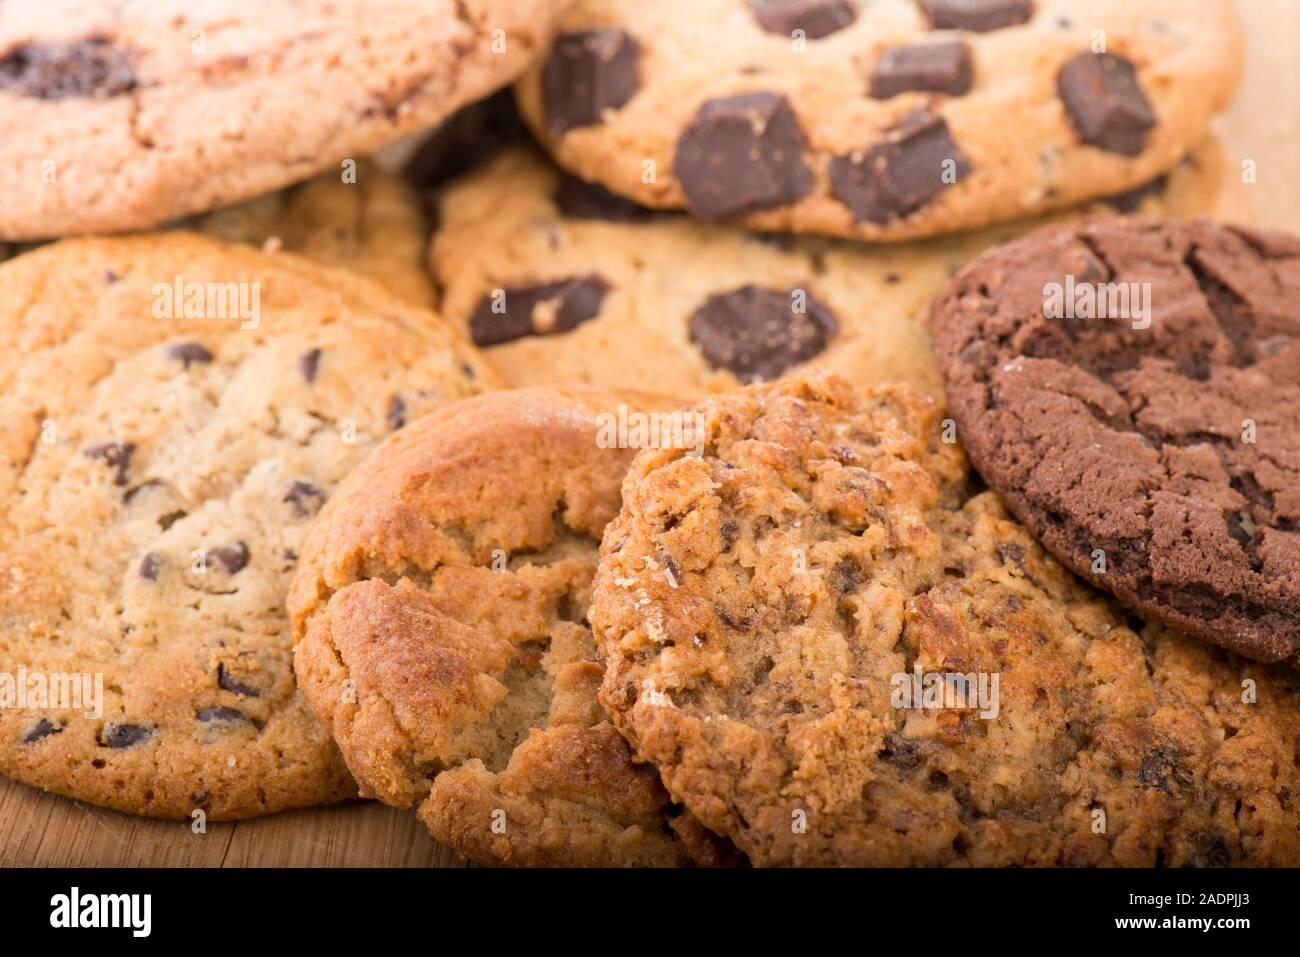 Assortiment de biscuits fraîchement cuits différents empilés Banque D'Images